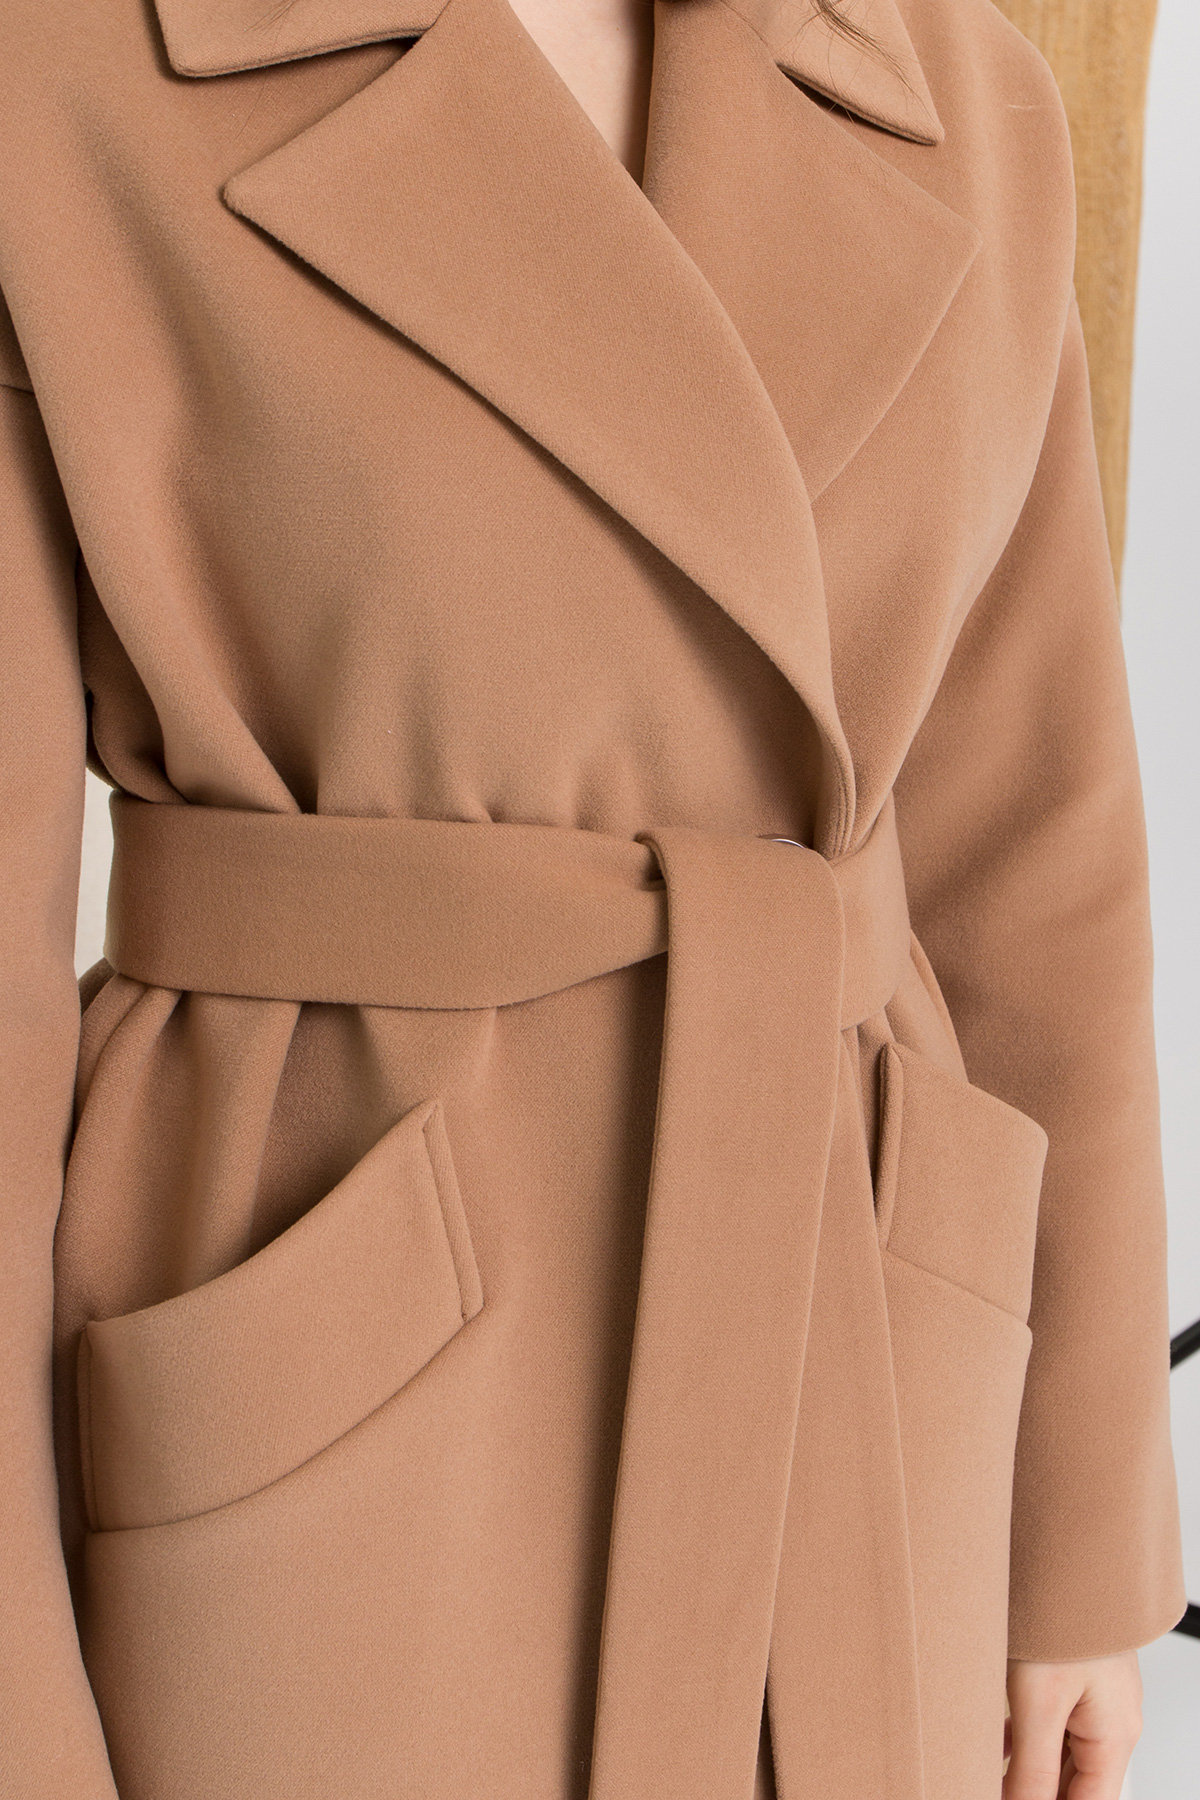 Пальто Сенсей 9006 АРТ. 45318 Цвет: Кемел - фото 12, интернет магазин tm-modus.ru